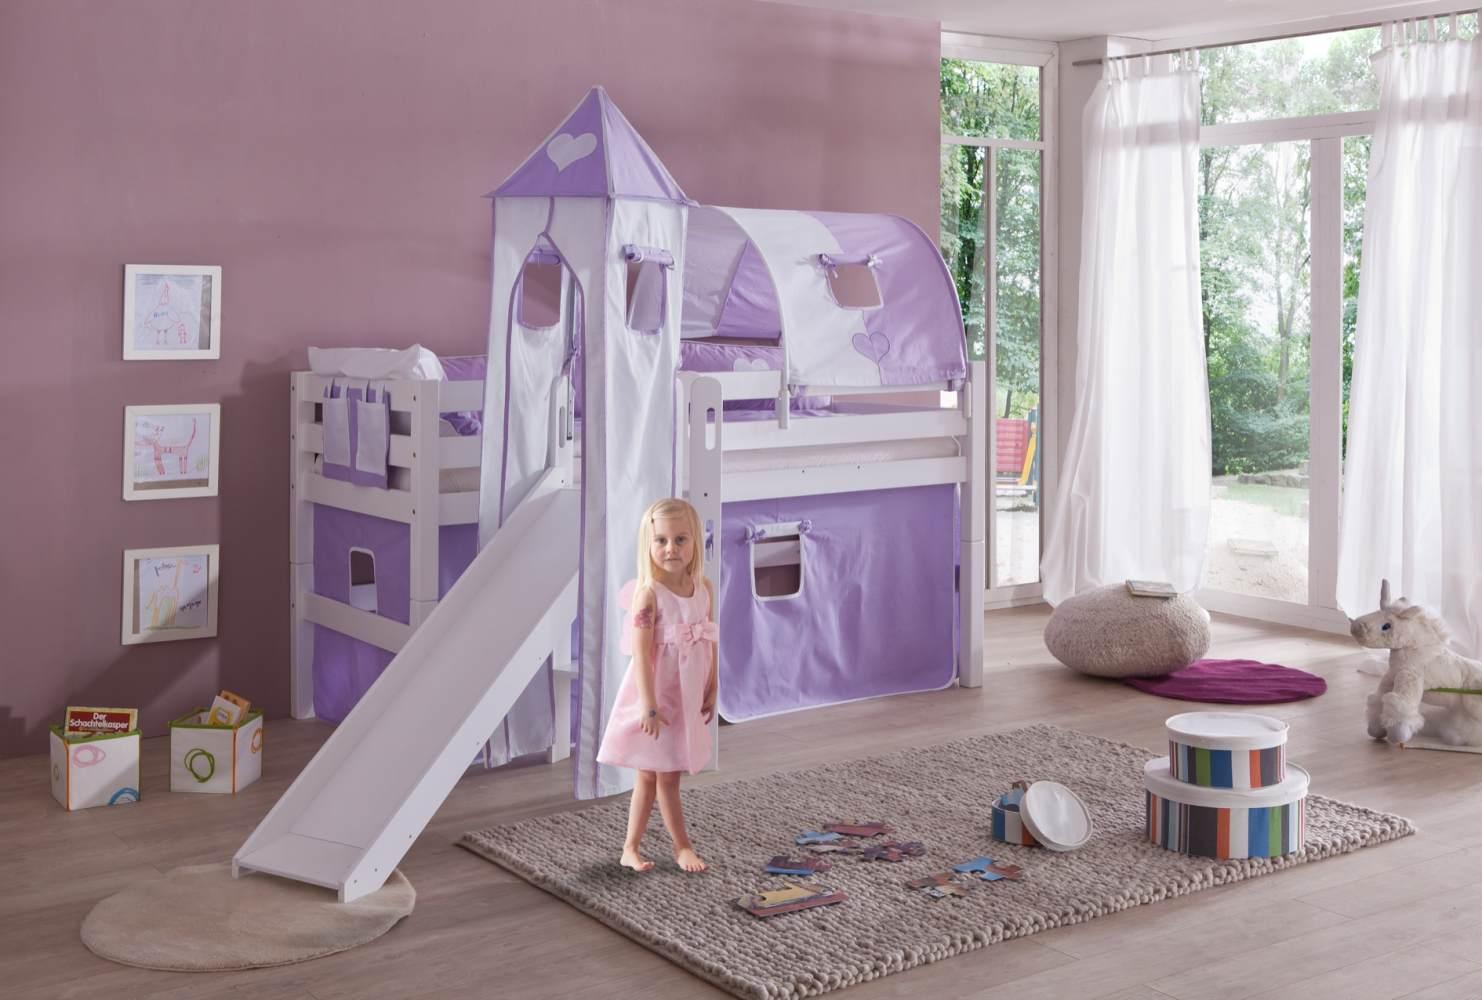 Relita 'Eliyas' Spielbett mit Rutsche und Textilset Vorhang, 1-er Tunnel, Turm und Tasche purple/weiß/Herz Bild 1